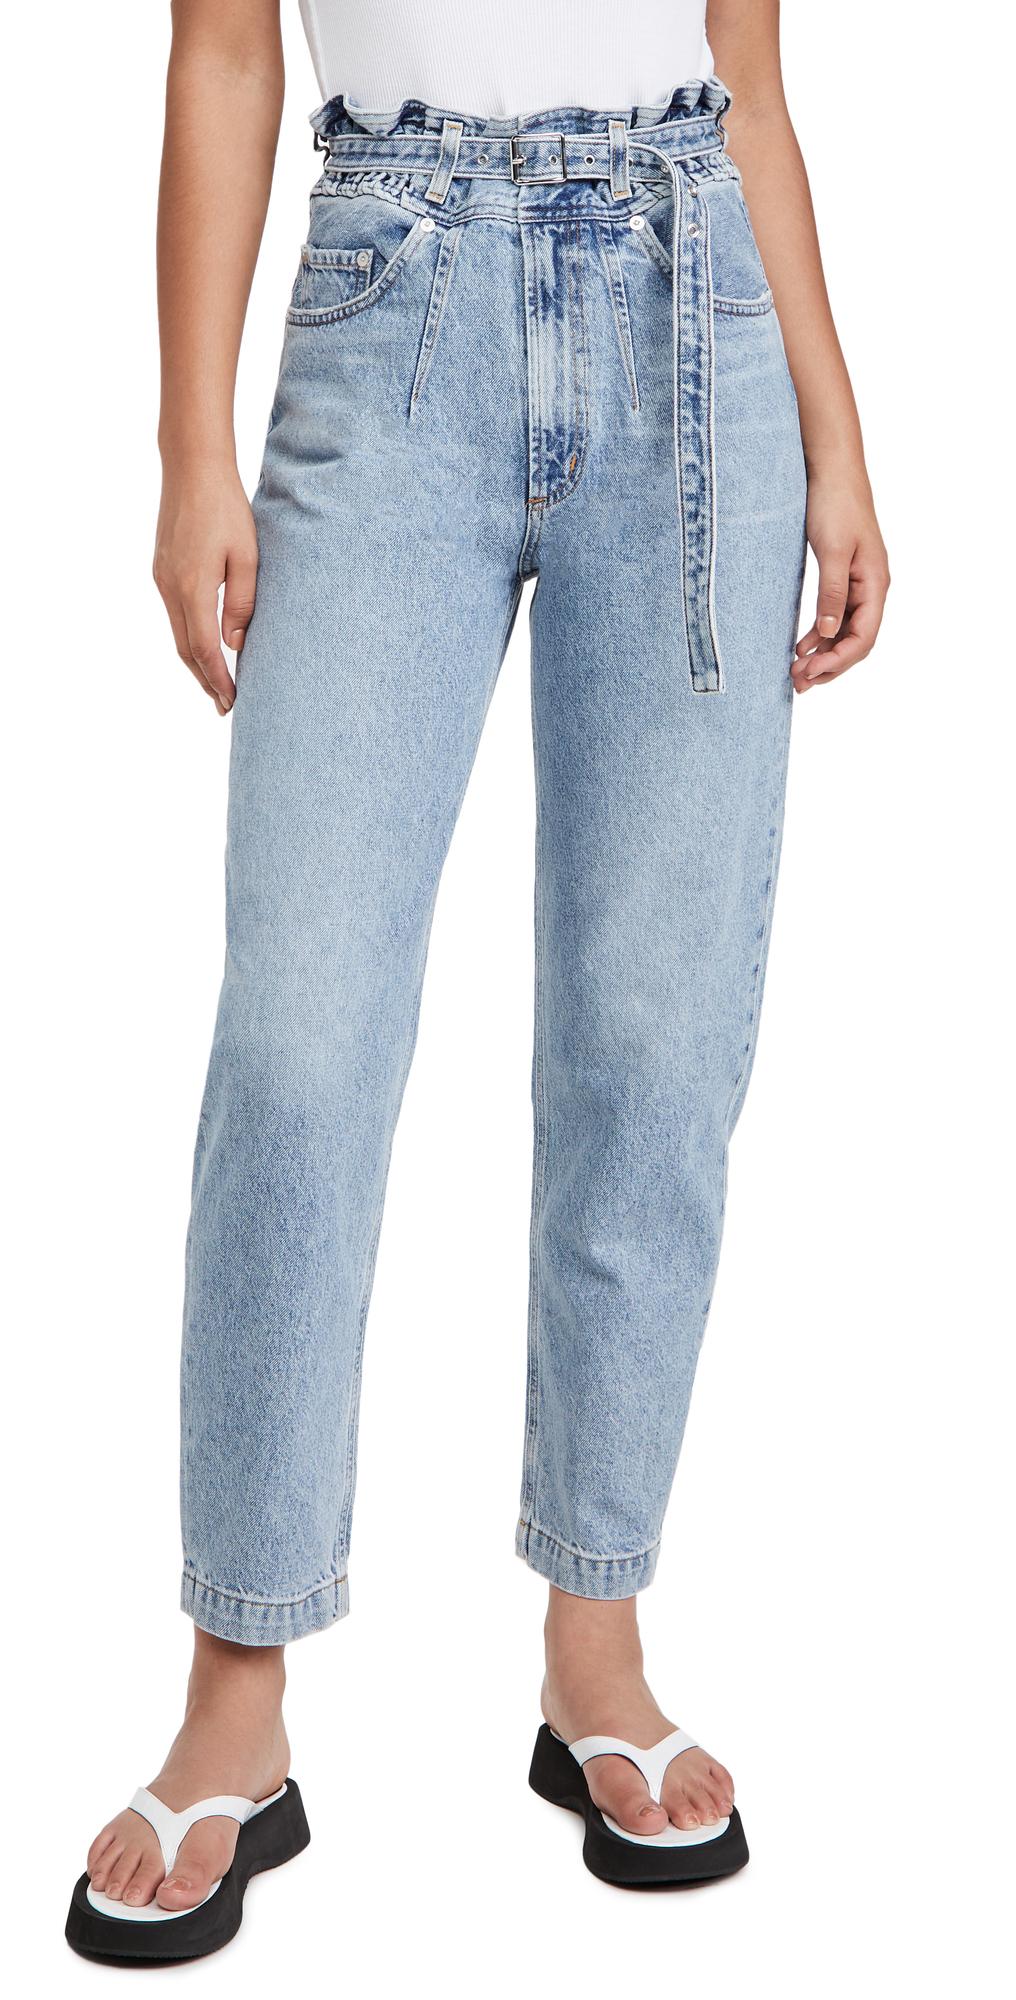 AGOLDE Riya Elasticated High Rise Peg Jeans